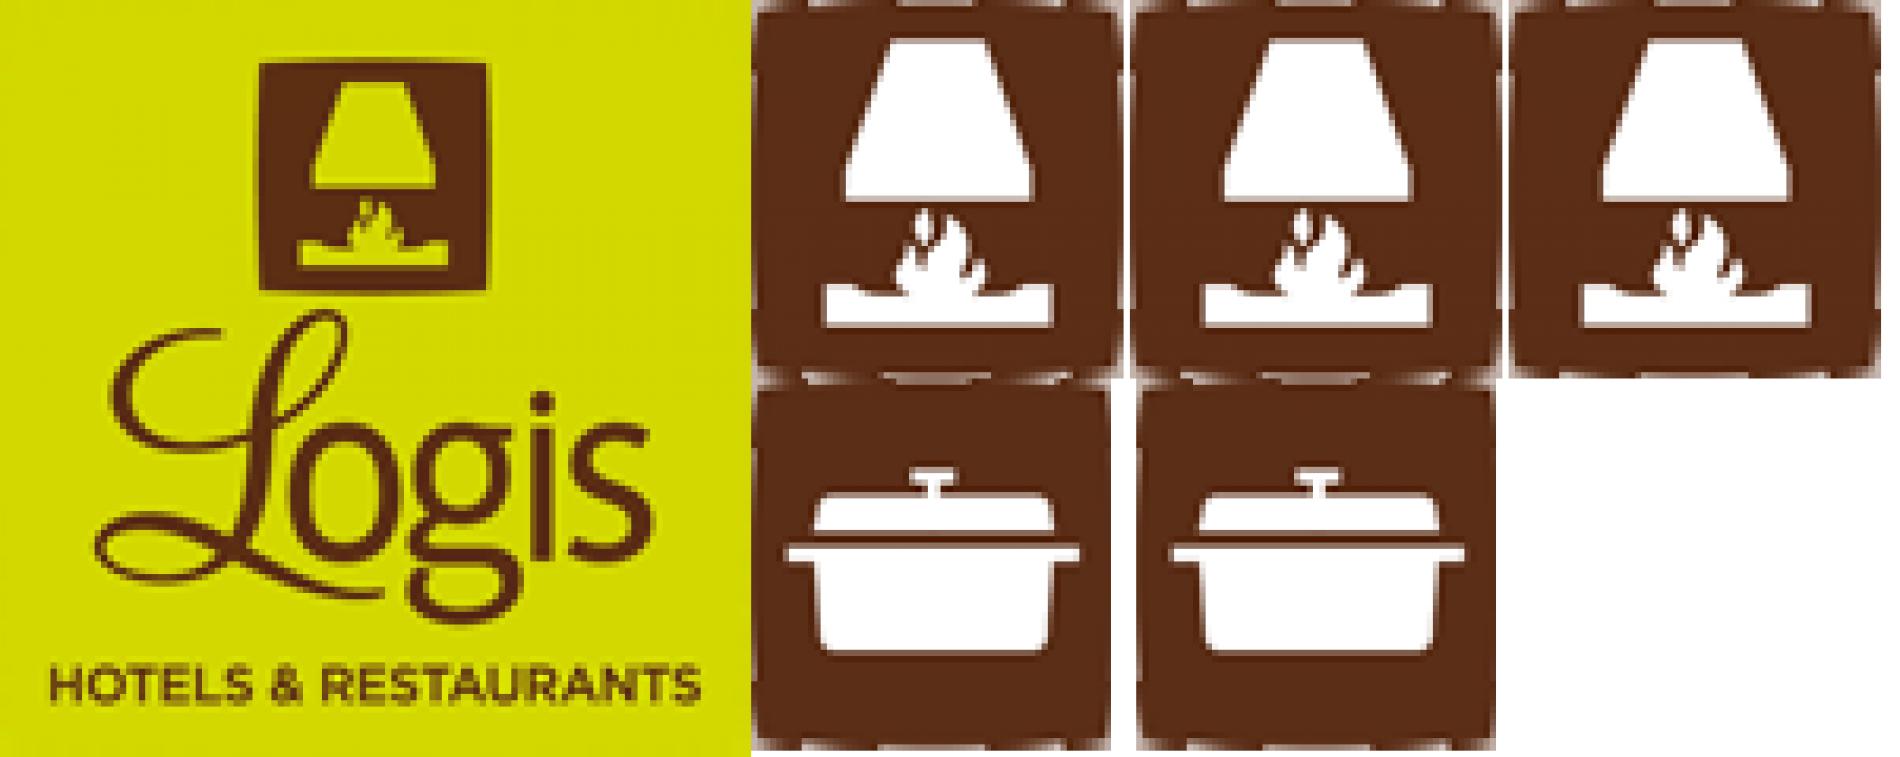 Logis Hotel 3 cheminées 2 cocottes